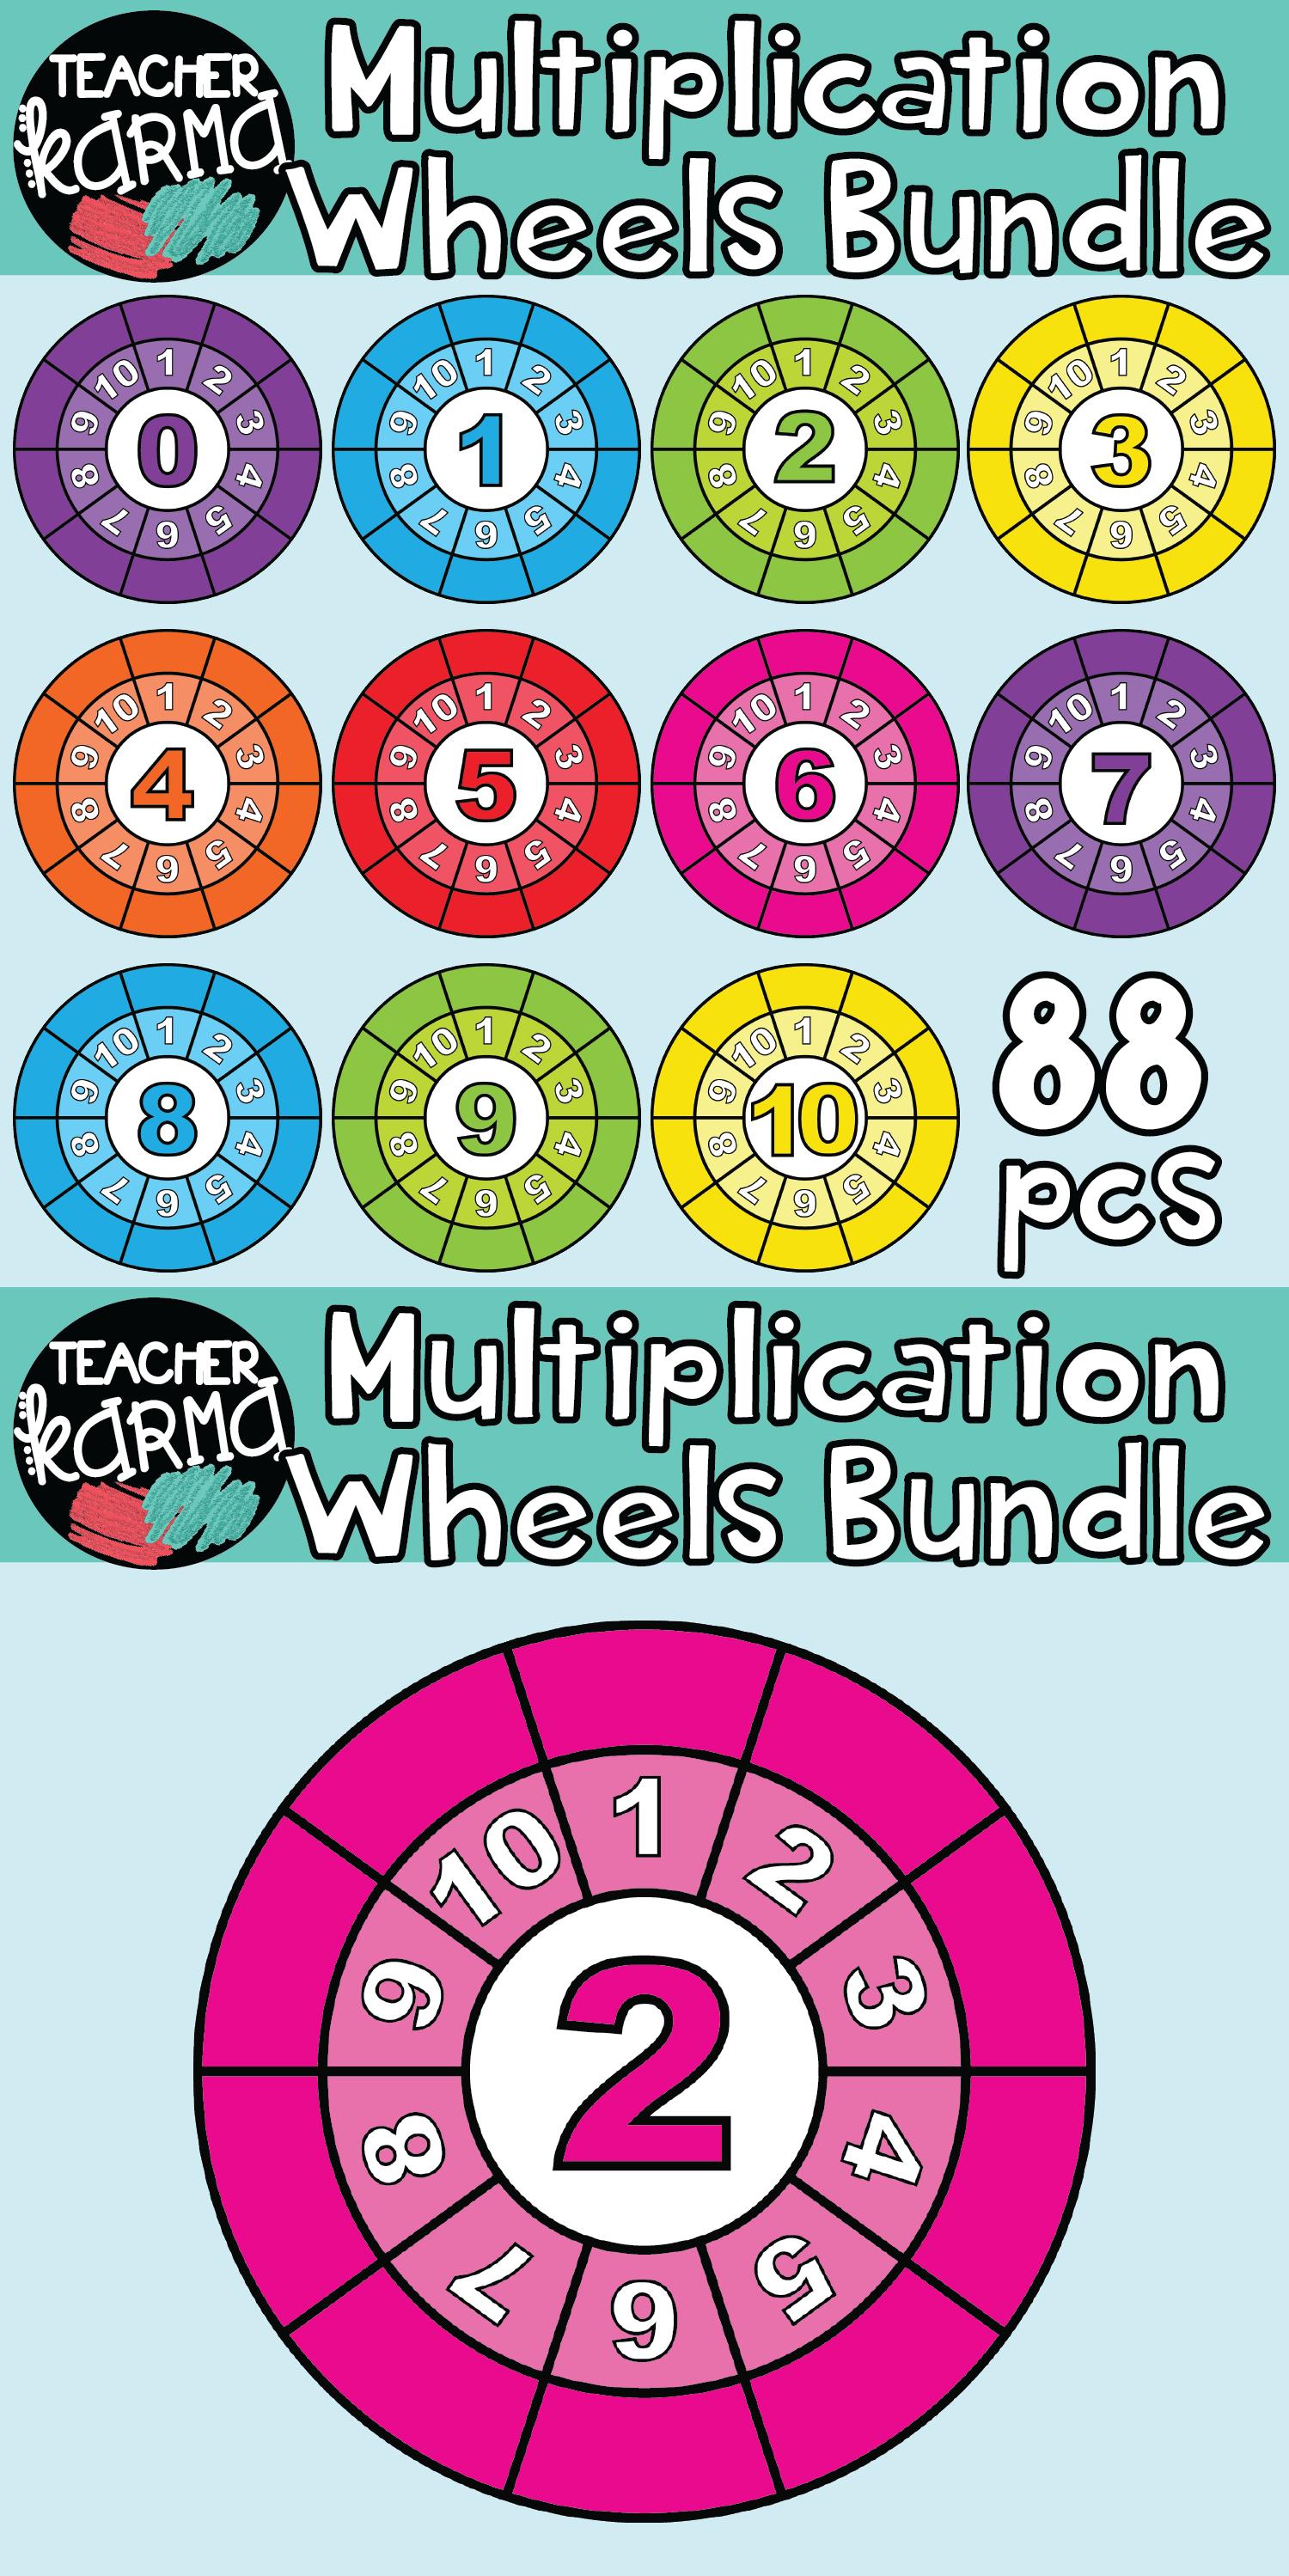 Multiplication Wheels BUNDLE: 104 Pieces MATH CLIPART ...